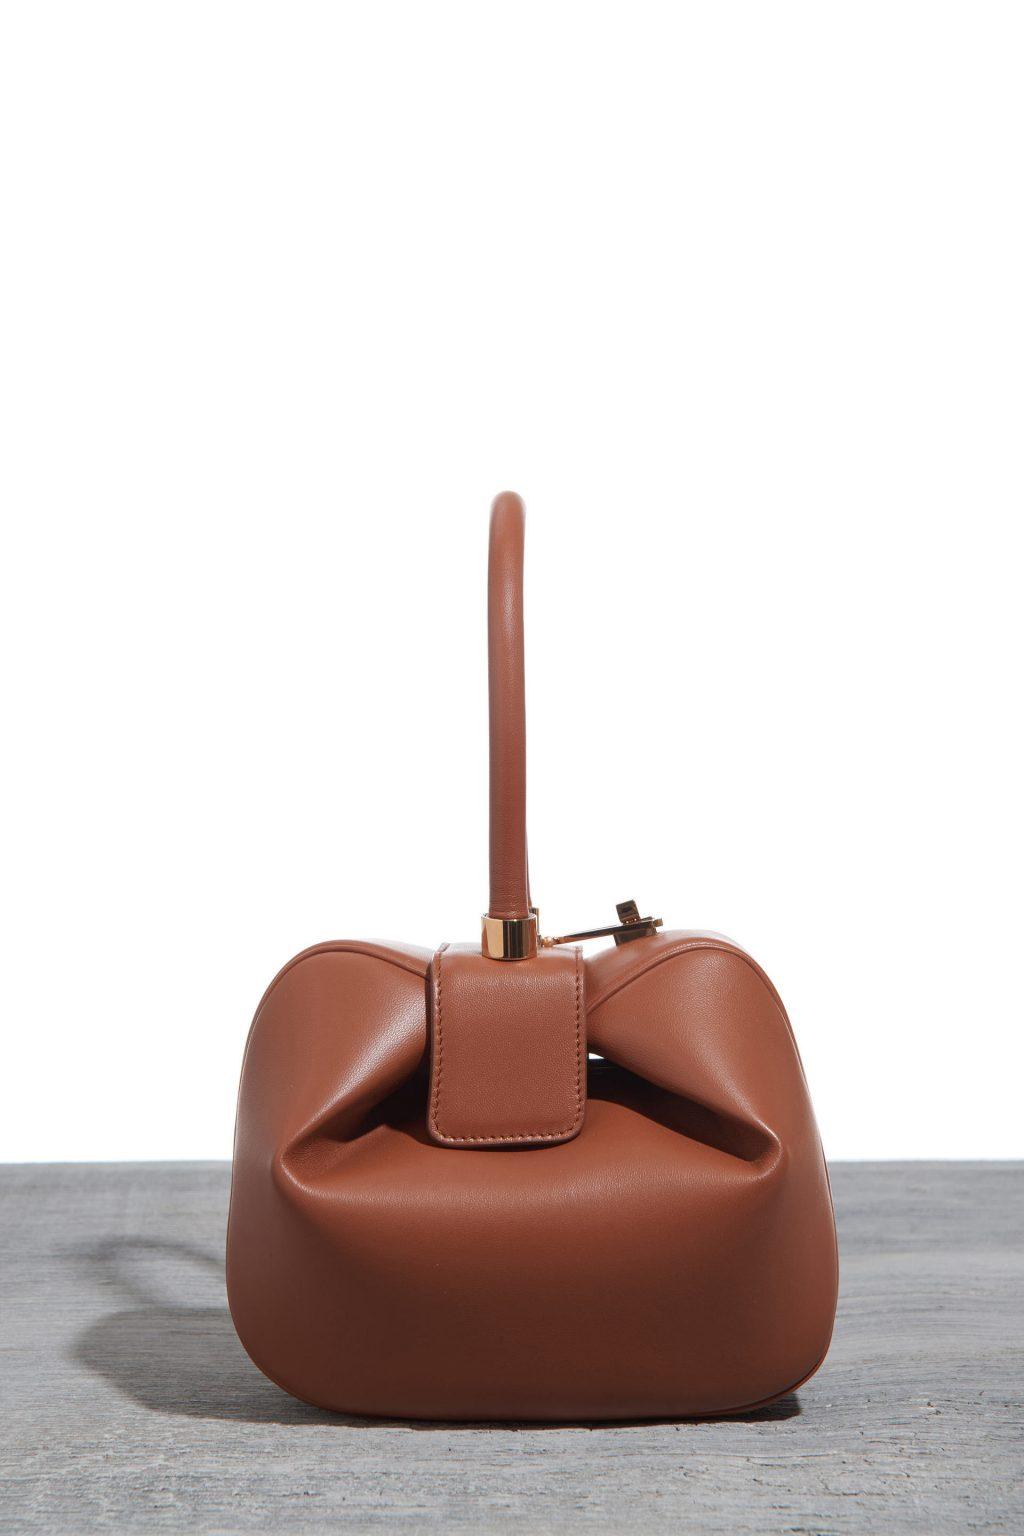 Thiết kế túi Nina màu Cognac của Gabriela Hearst